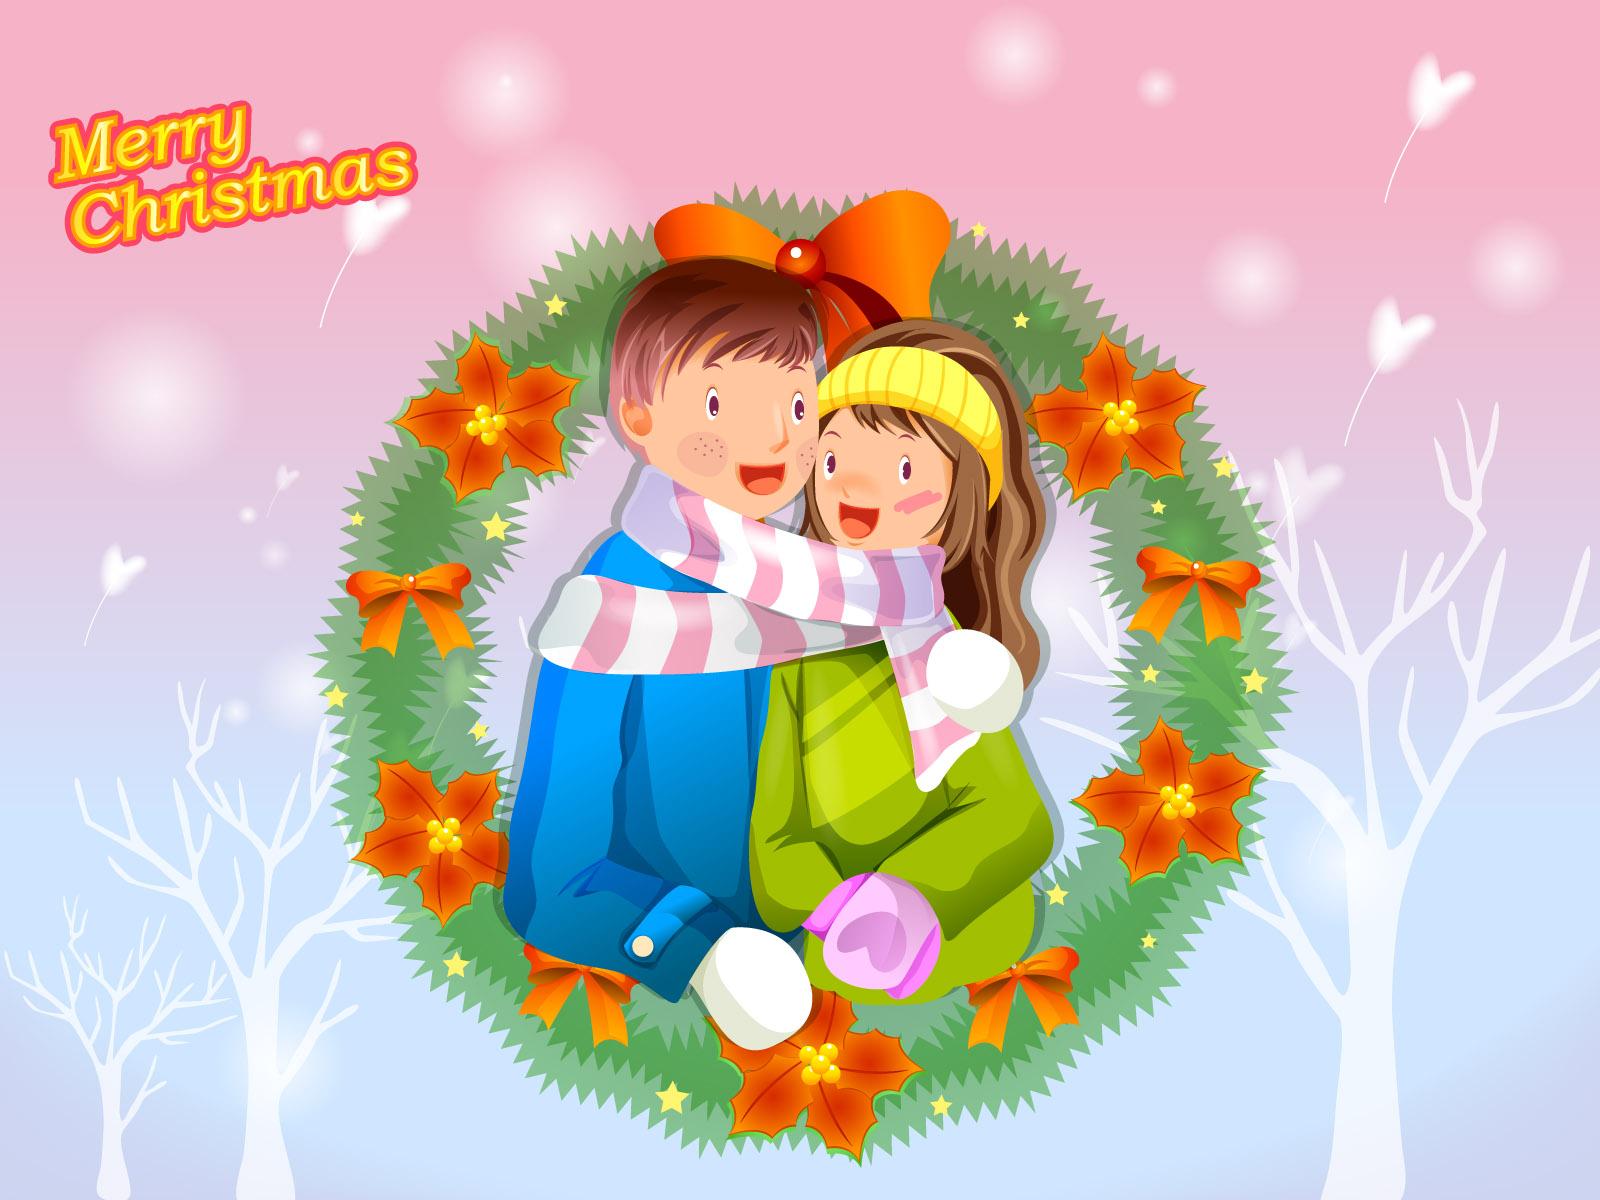 دانلود والپیپر عاشقانه کریسمس